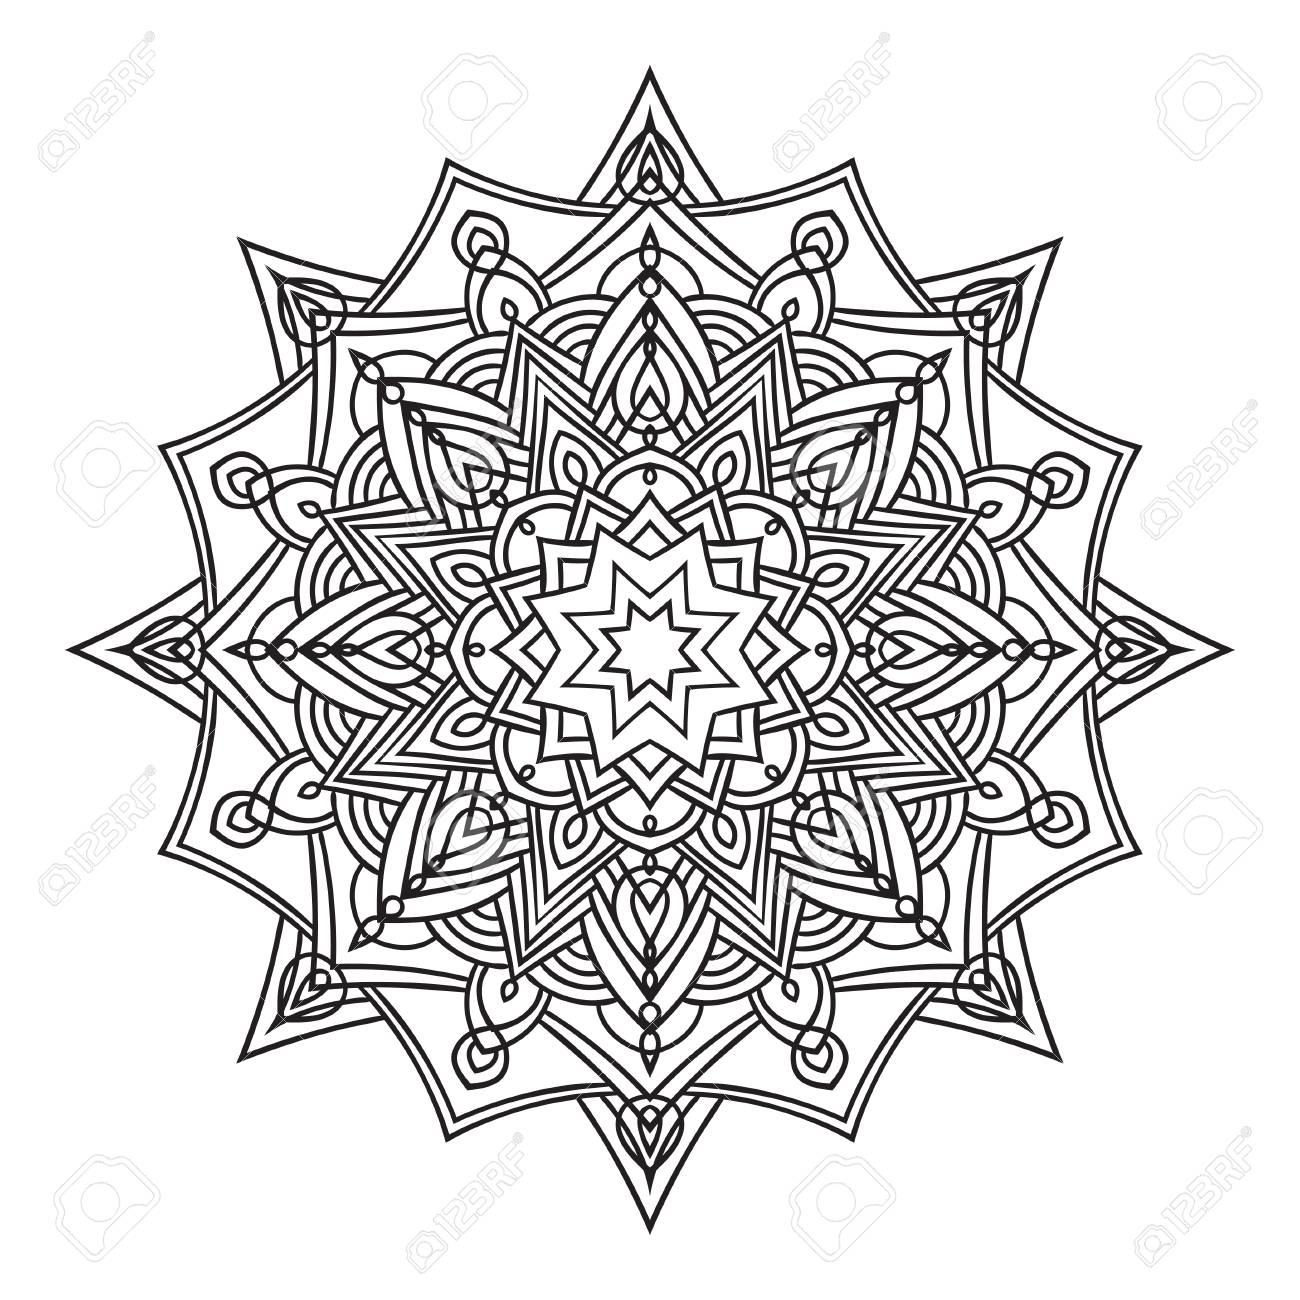 Main Dessin élément Fleuri Dans Le Style Oriental Noir Et Blanc Mandala De Fleur Illustration Vectorielle Le Meilleur Pour Votre Design Textiles